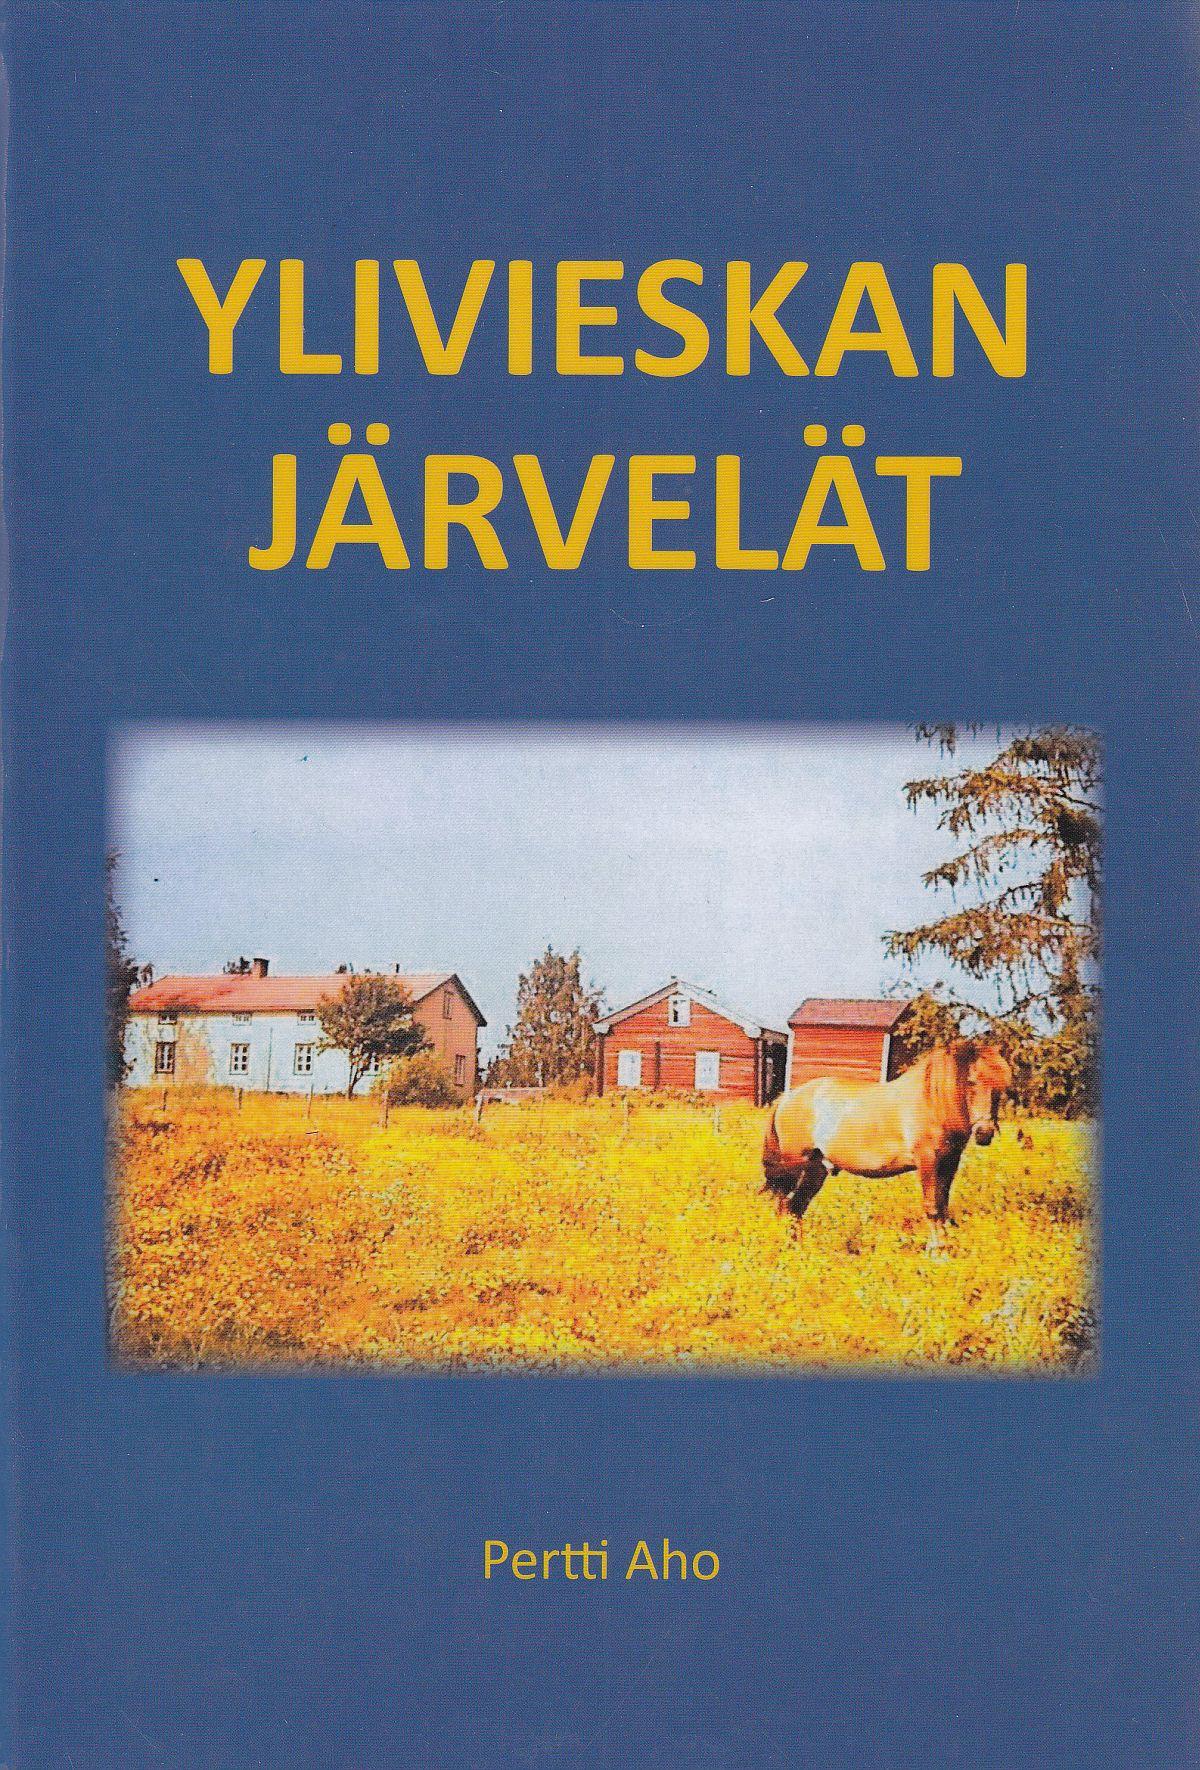 Pertti Ahon Ylivieskan Järvelät -teoksen kansikuva